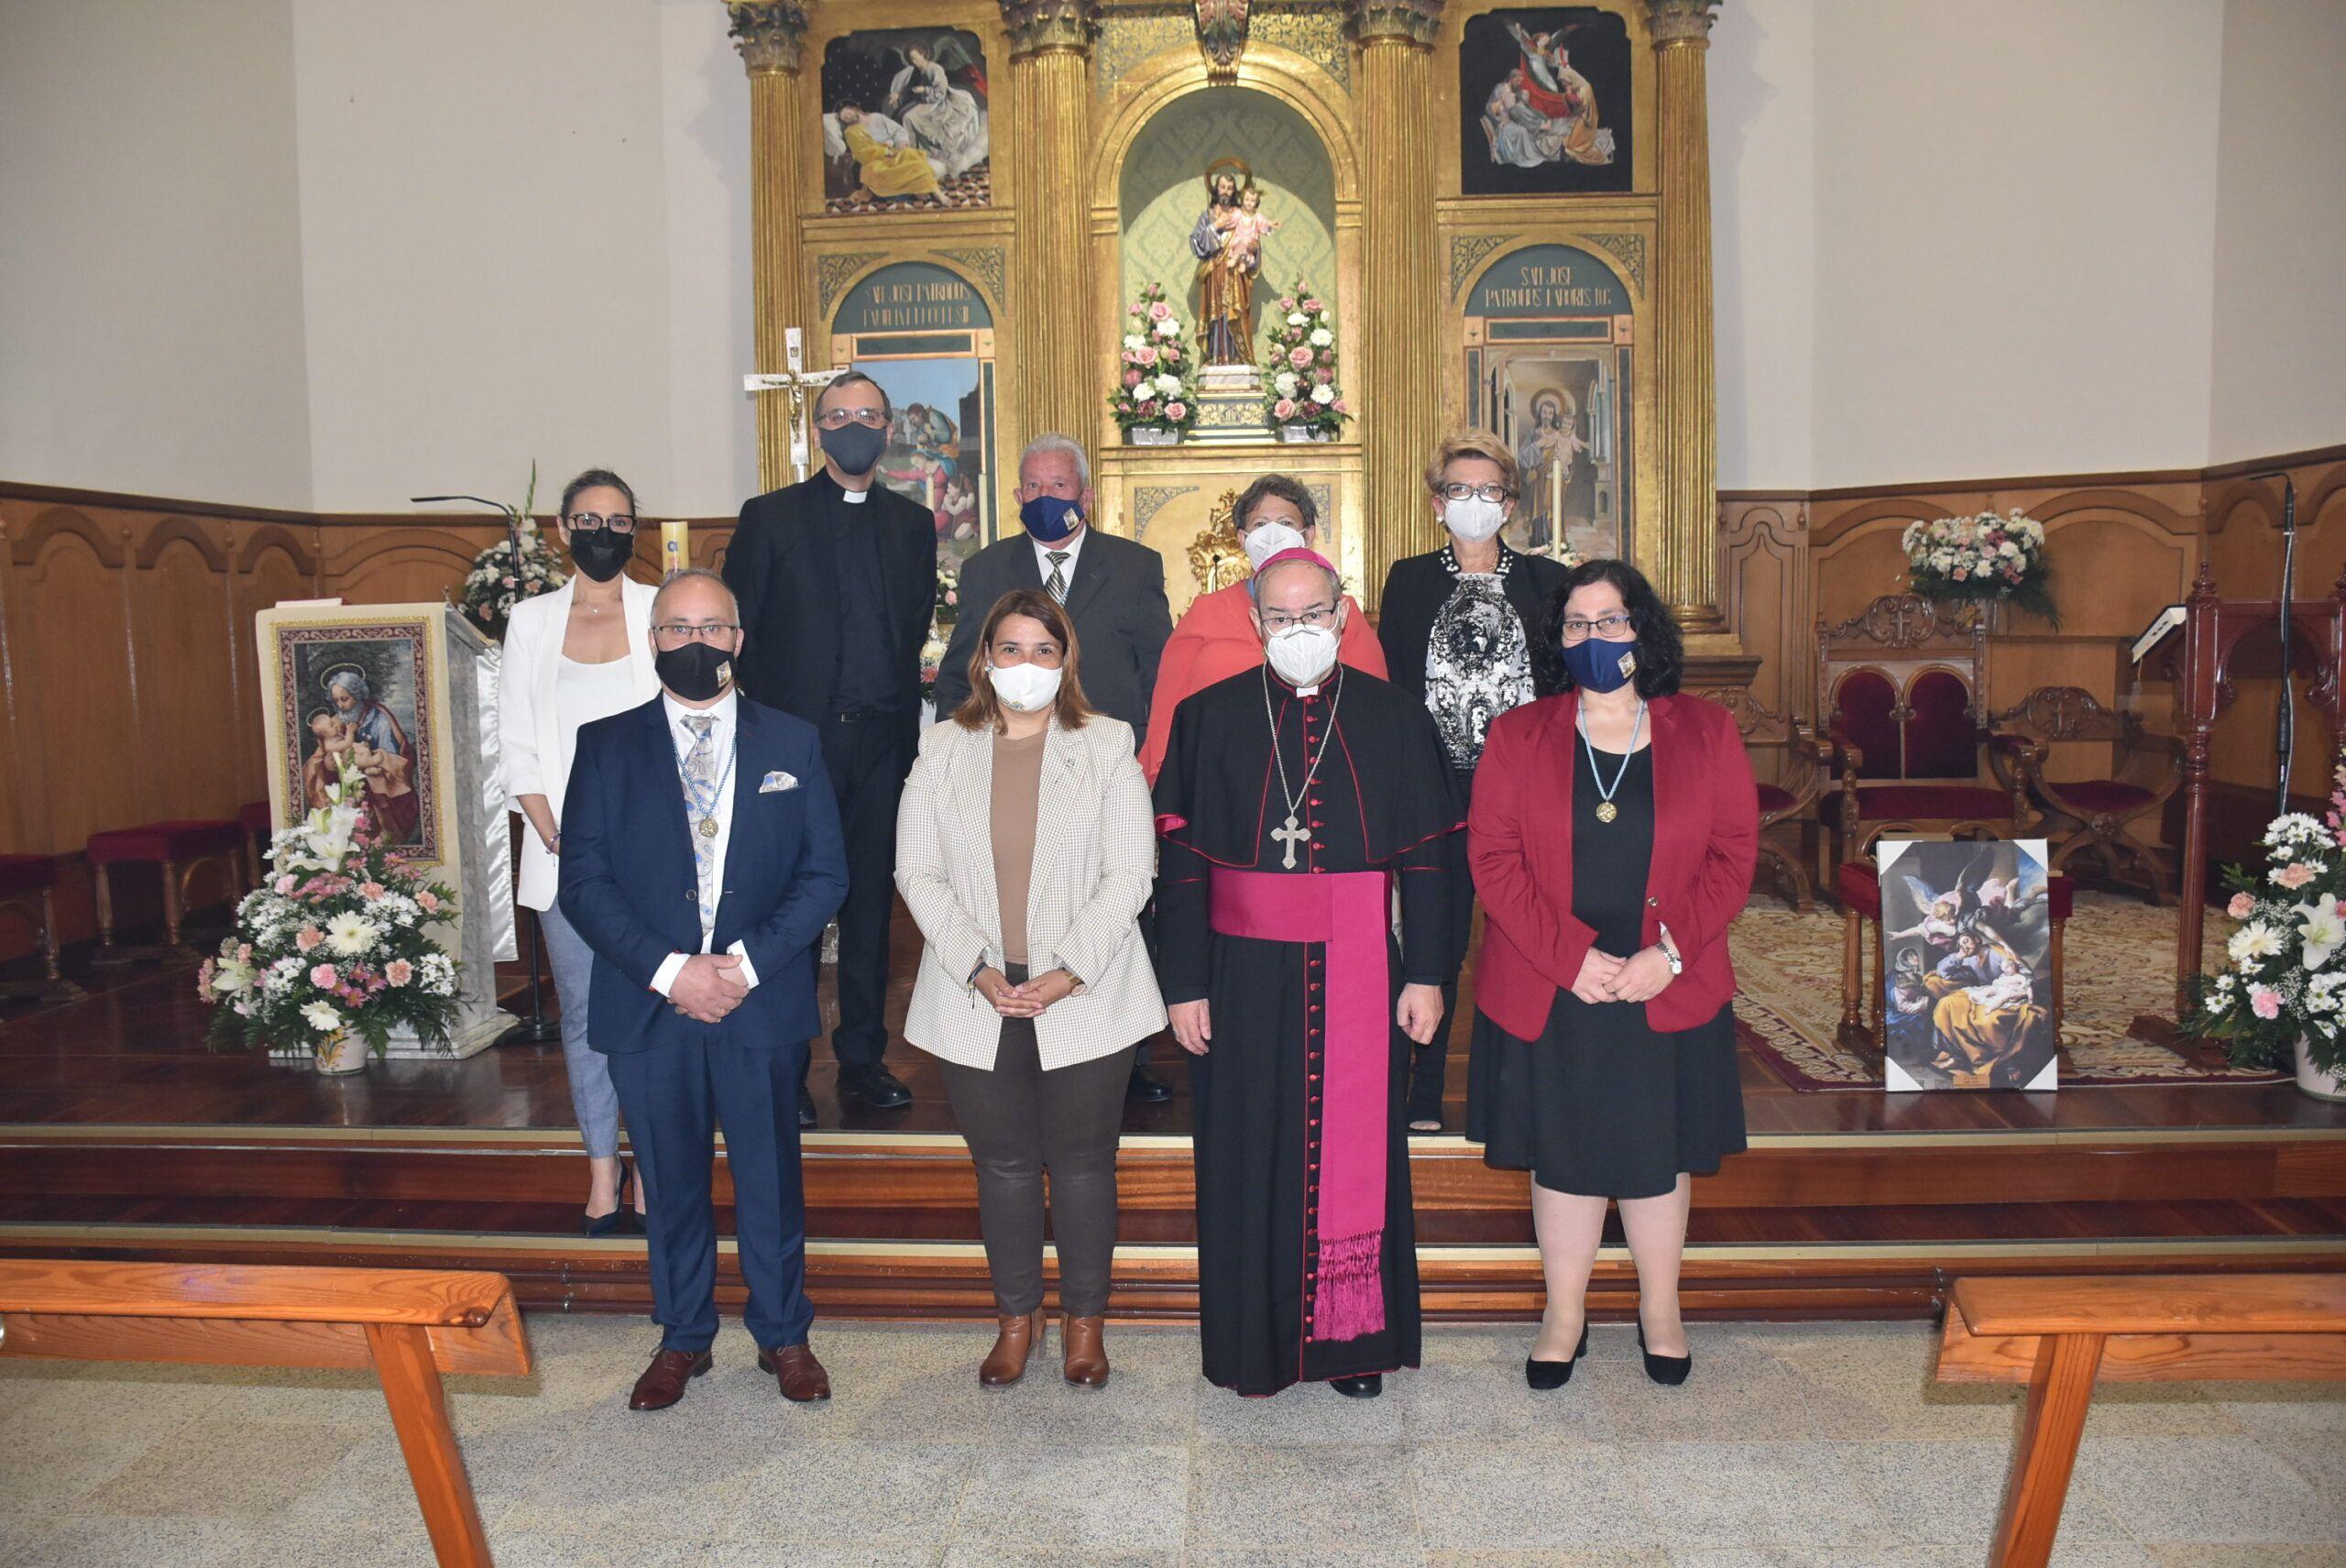 La alcaldesa de Talavera asiste en el barrio de Patrocinio a la misa en honor a San José presidida por el Arzobispo de Toledo